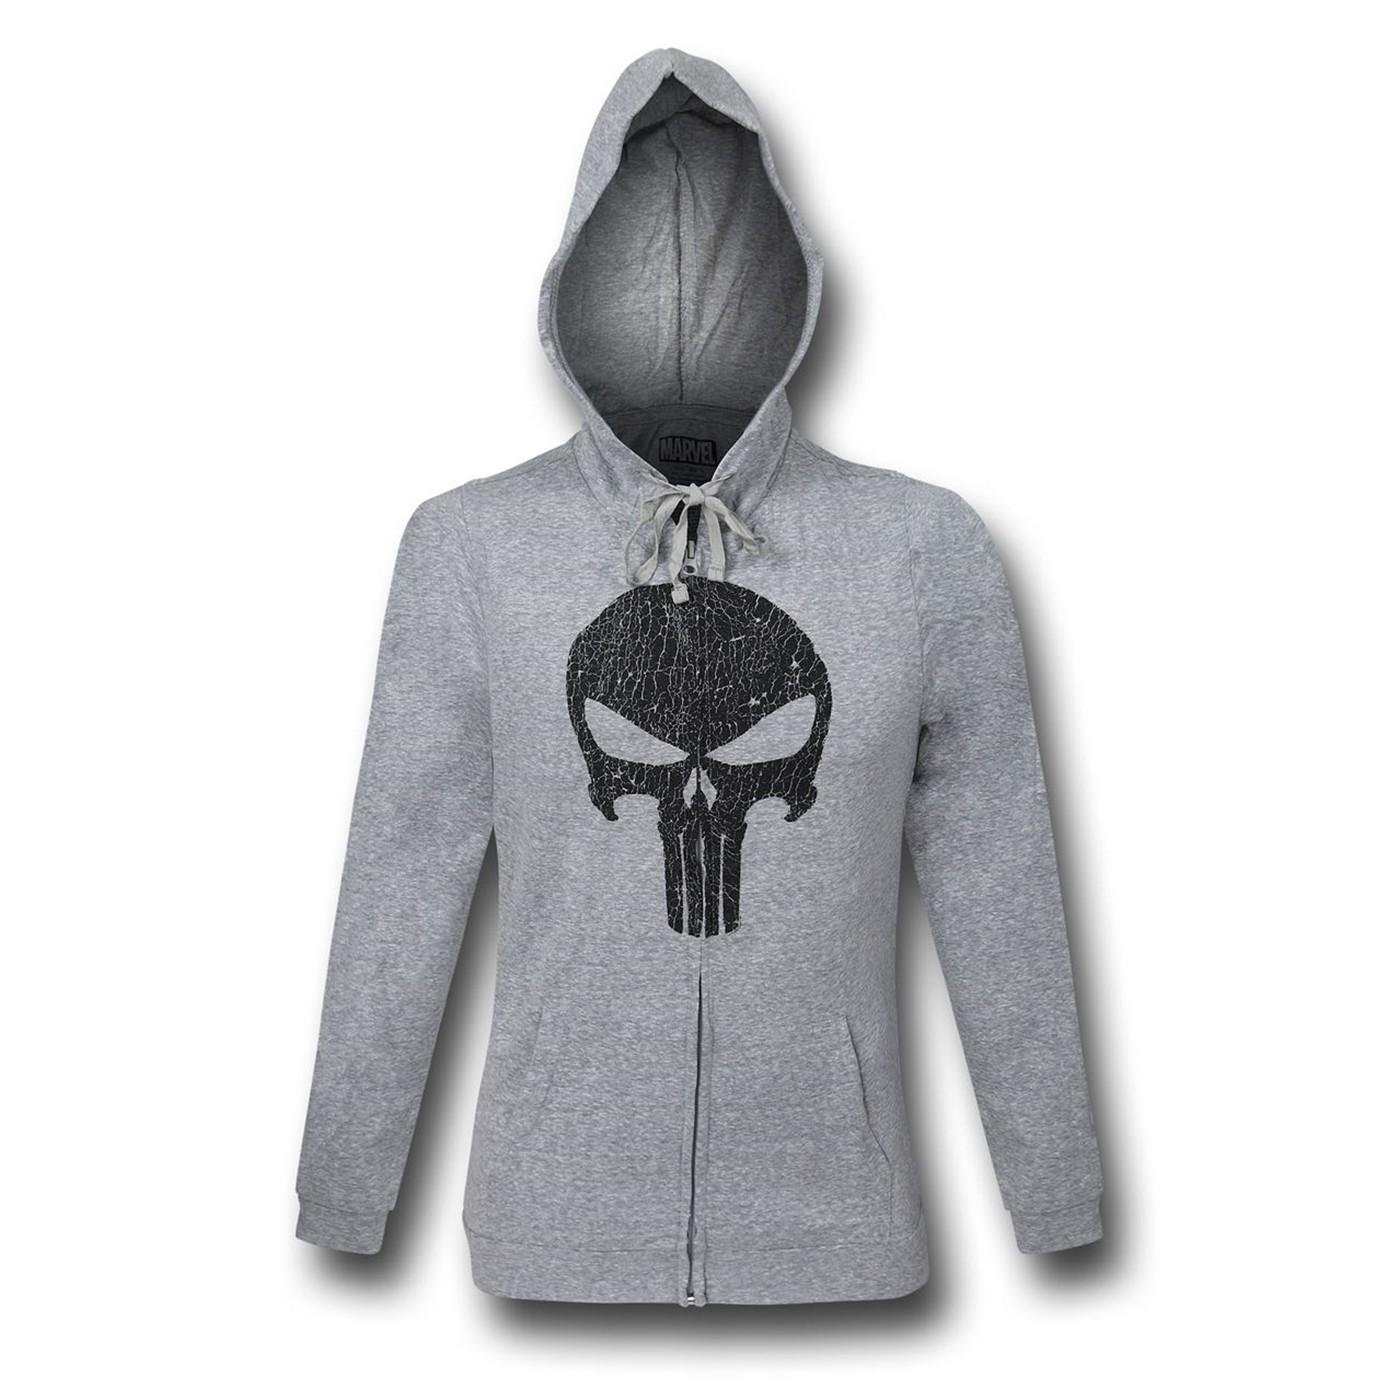 Punisher Cracked Skull Symbol Light Zipper Hoodie